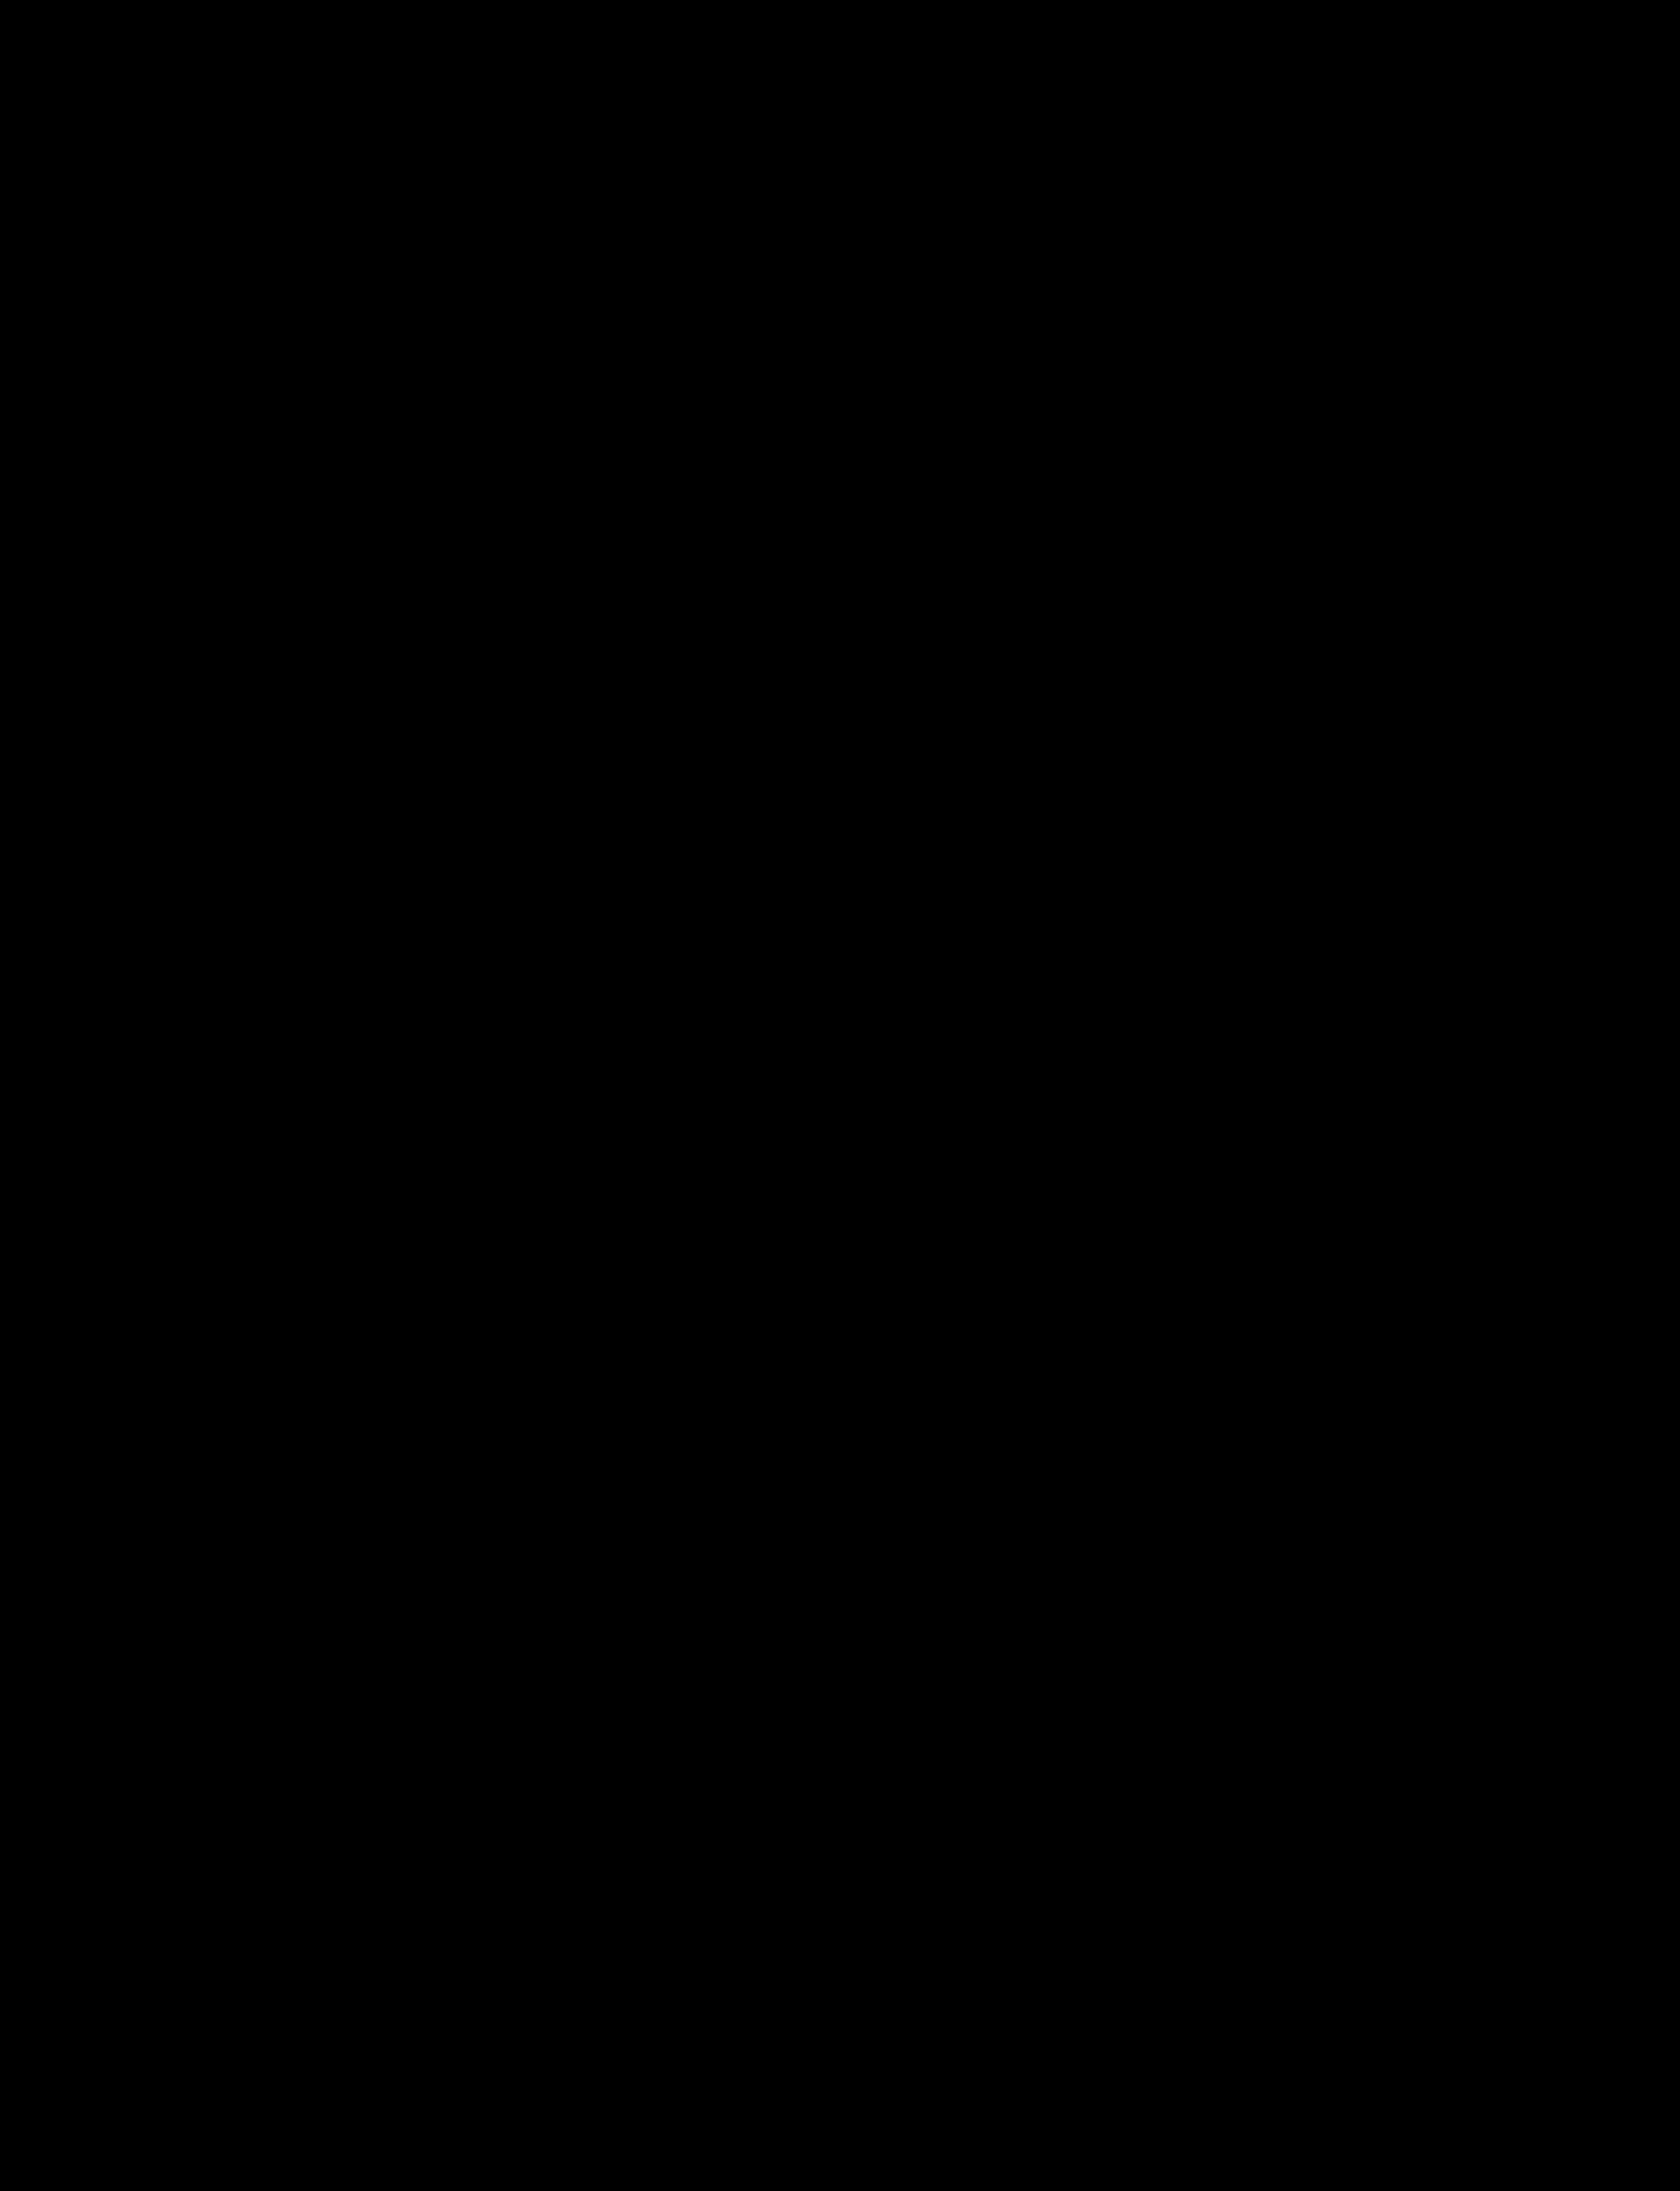 Lineart - Gogeta SSJ4 by el-maky-z on DeviantArt